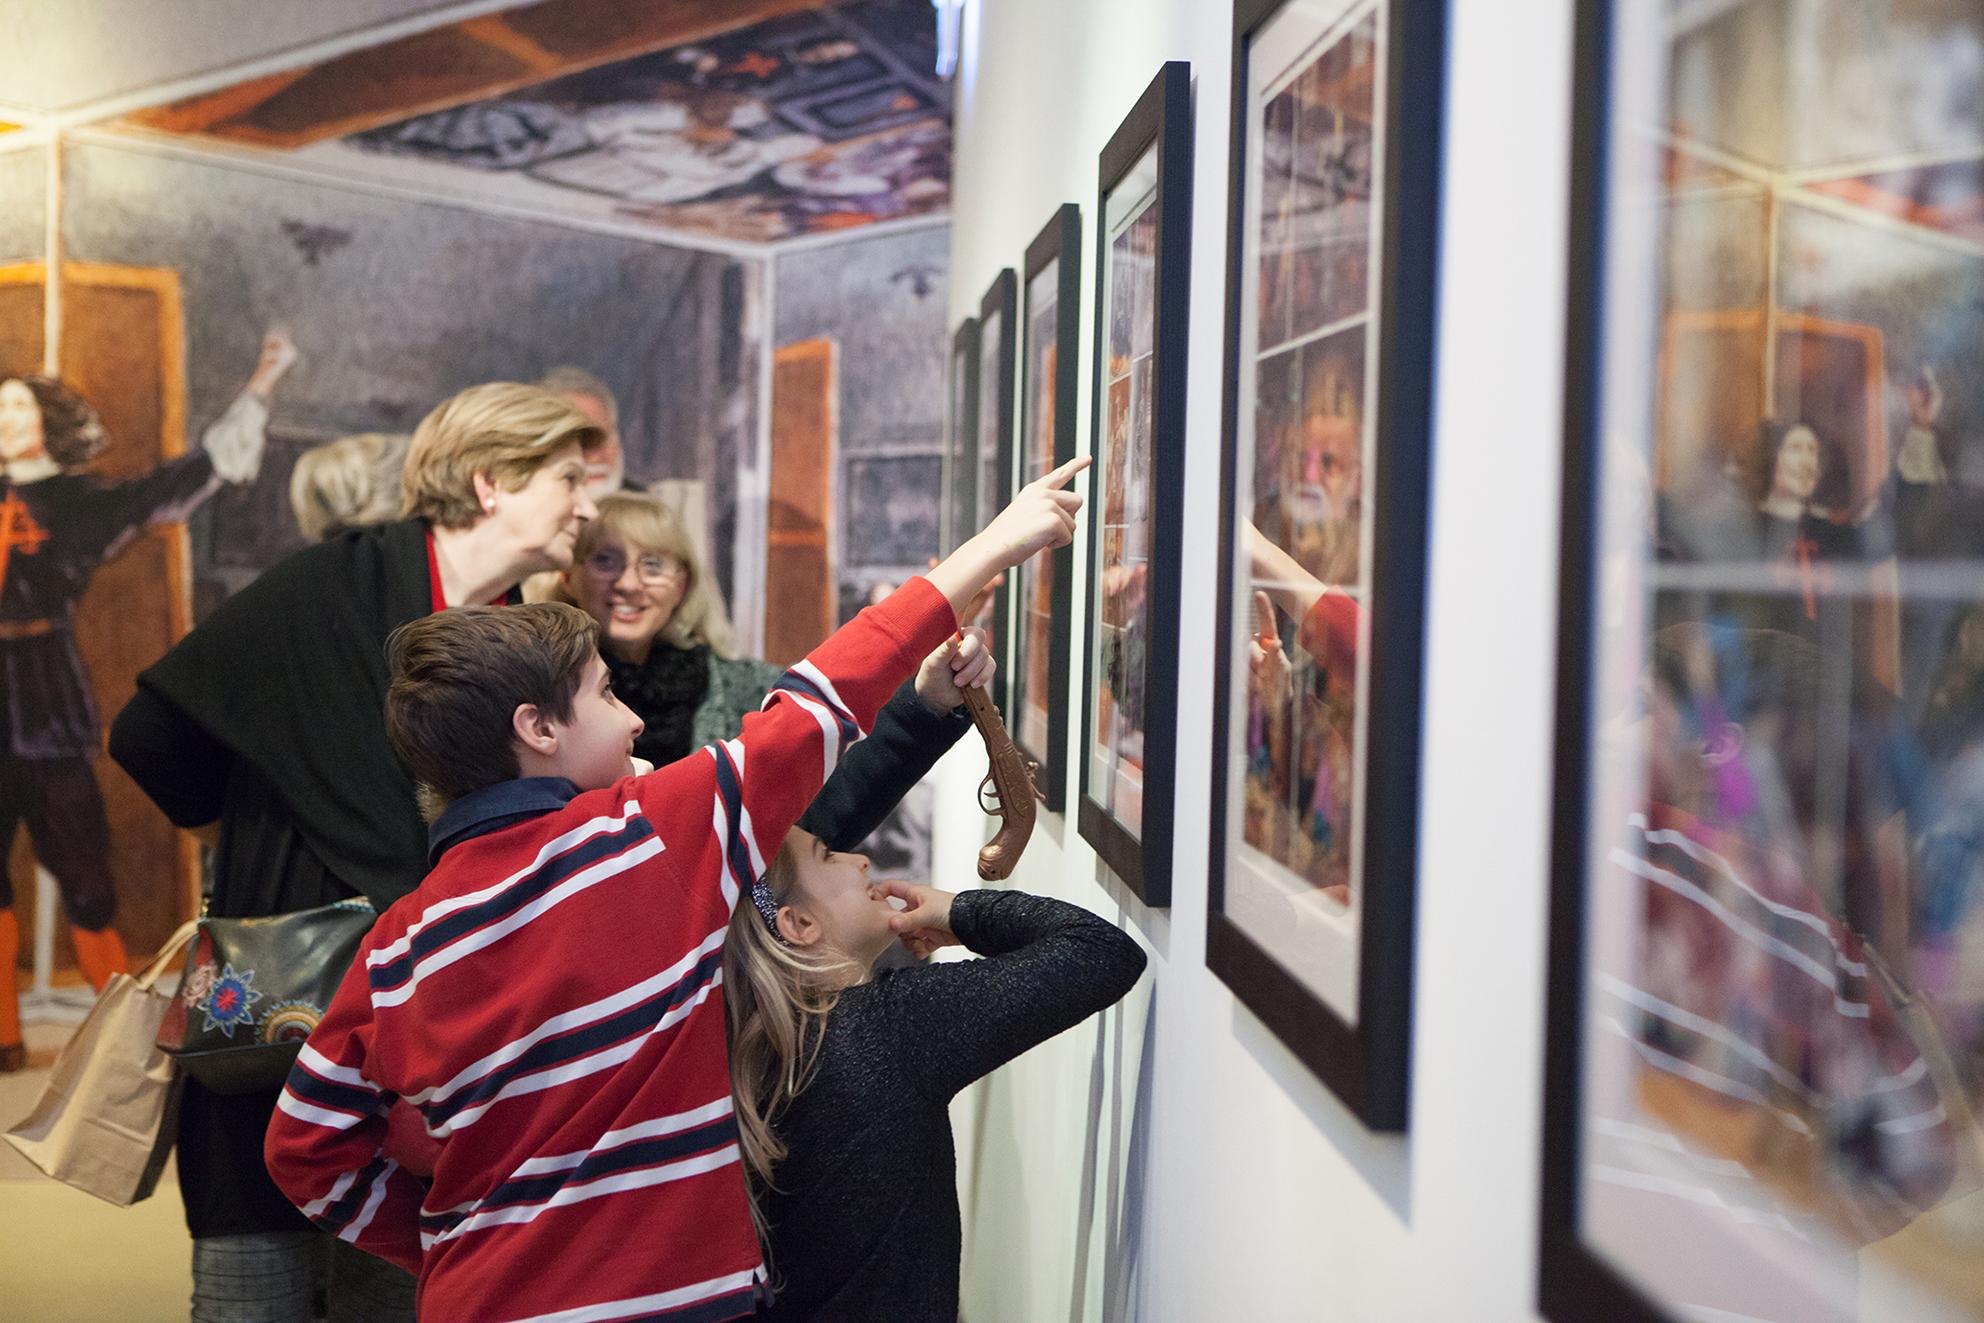 Visita guidata alla mostra per bambini + laboratorio